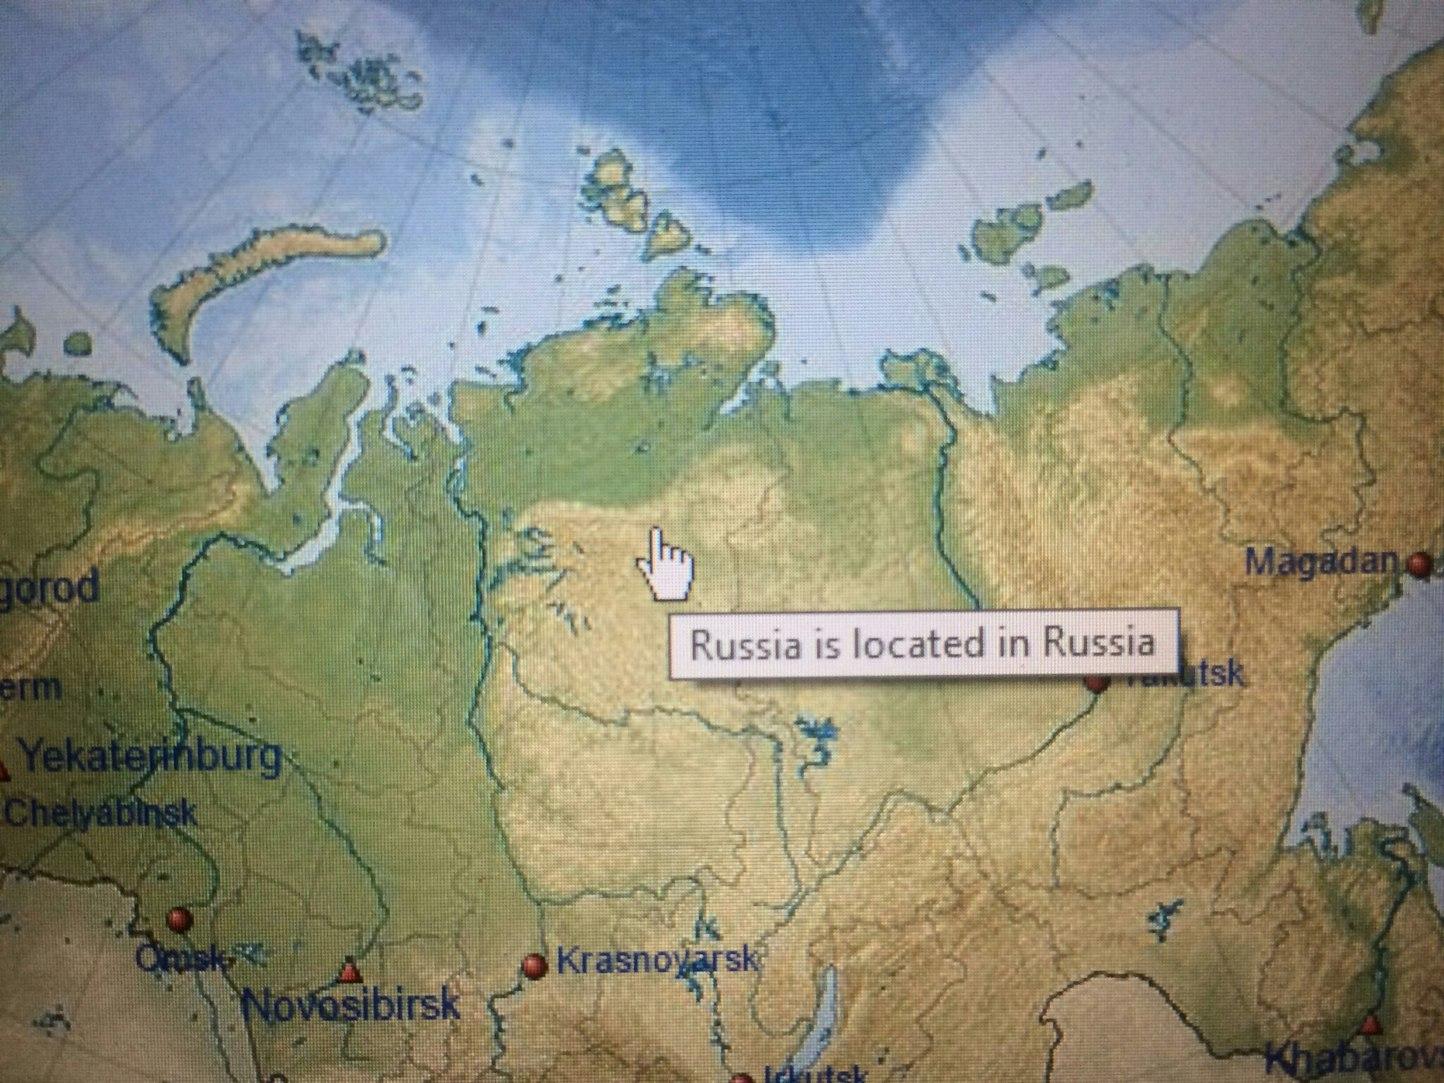 Rússia fica na Russia. Entao onde a Russia fica? - meme